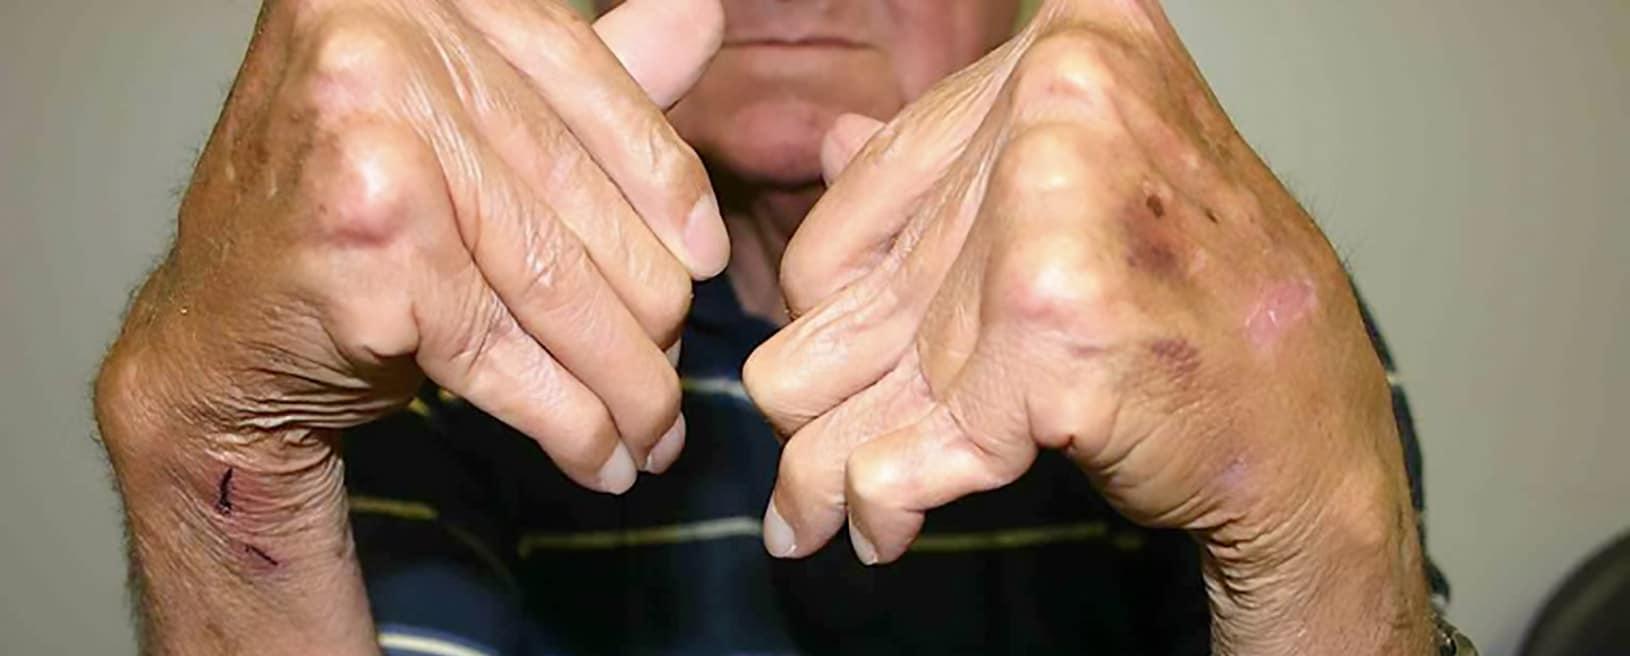 Artritis Reumatoide: La detección temprana es clave